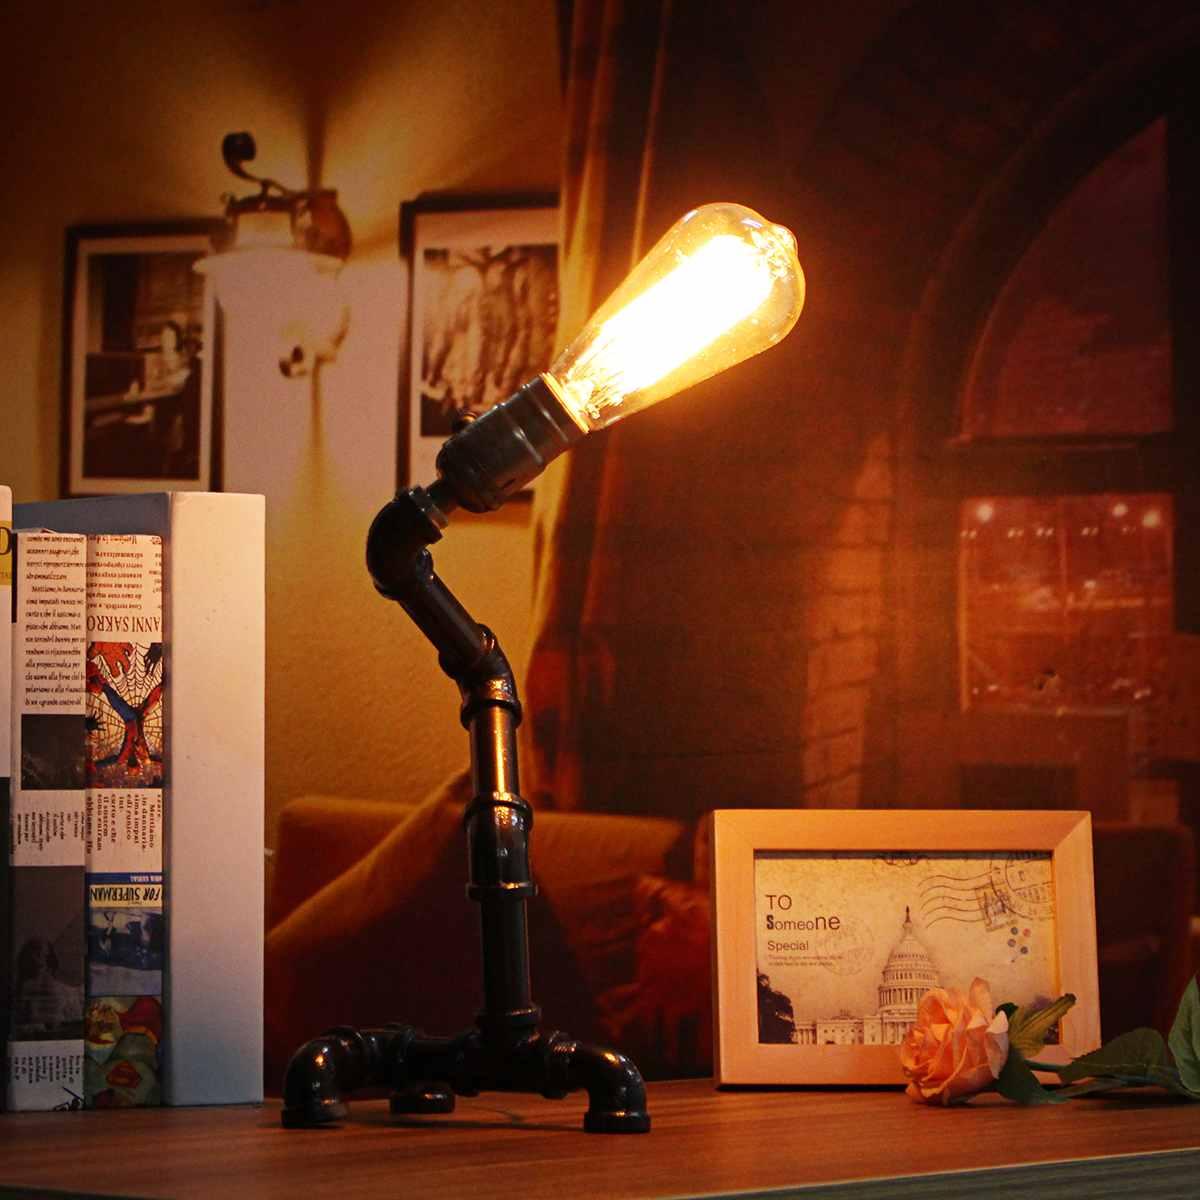 110-240 v Vintage Industrielle Tuyau Bureau Lampes LED Lampes de Table pour Chambre Nuit Livre de Lecture Étude Nouveauté Lumière décor à la maison Cadeau